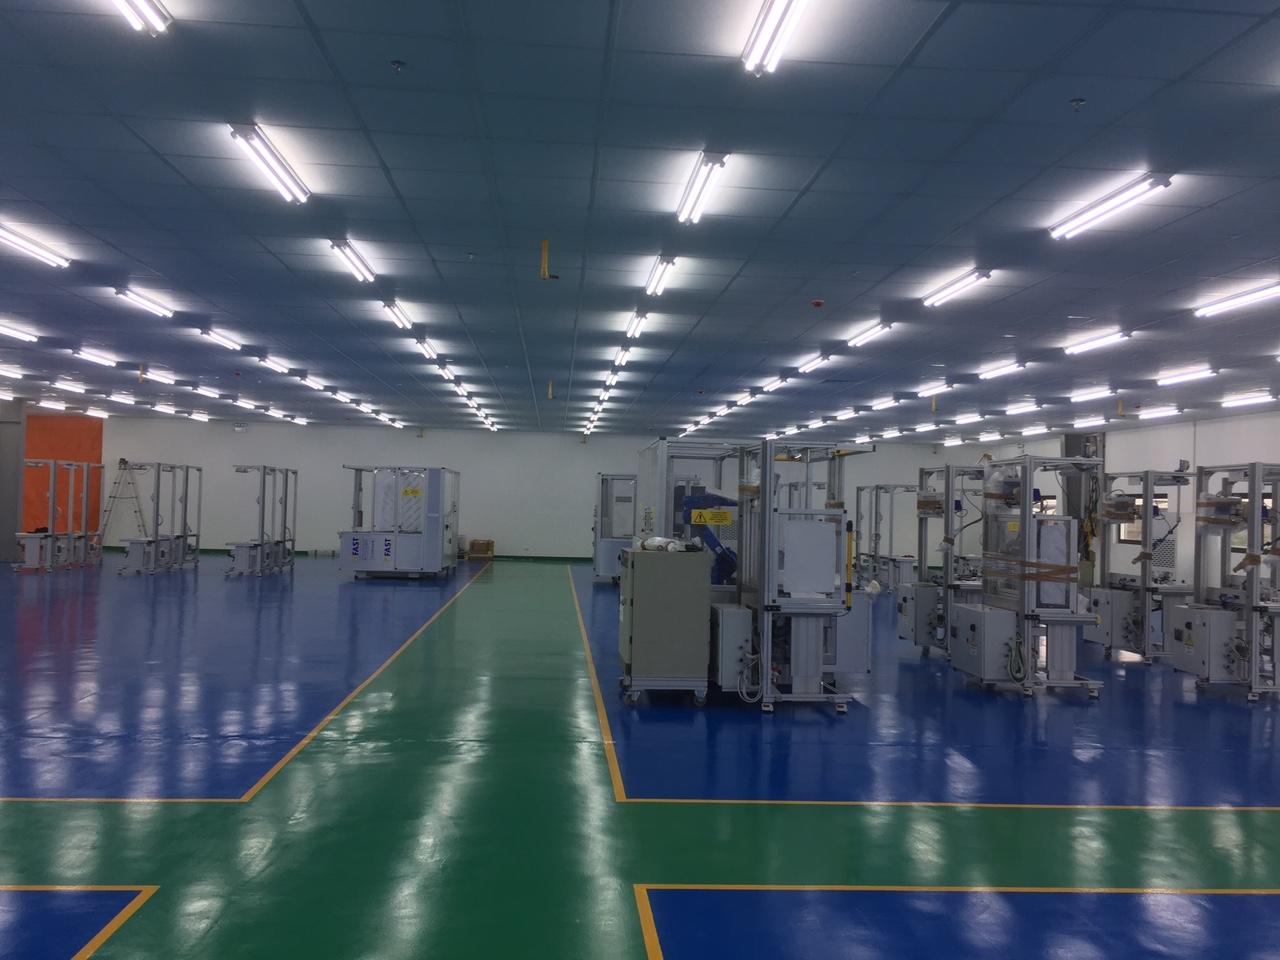 Nhà máy Triom - KCN Quang Minh - Hà Nội